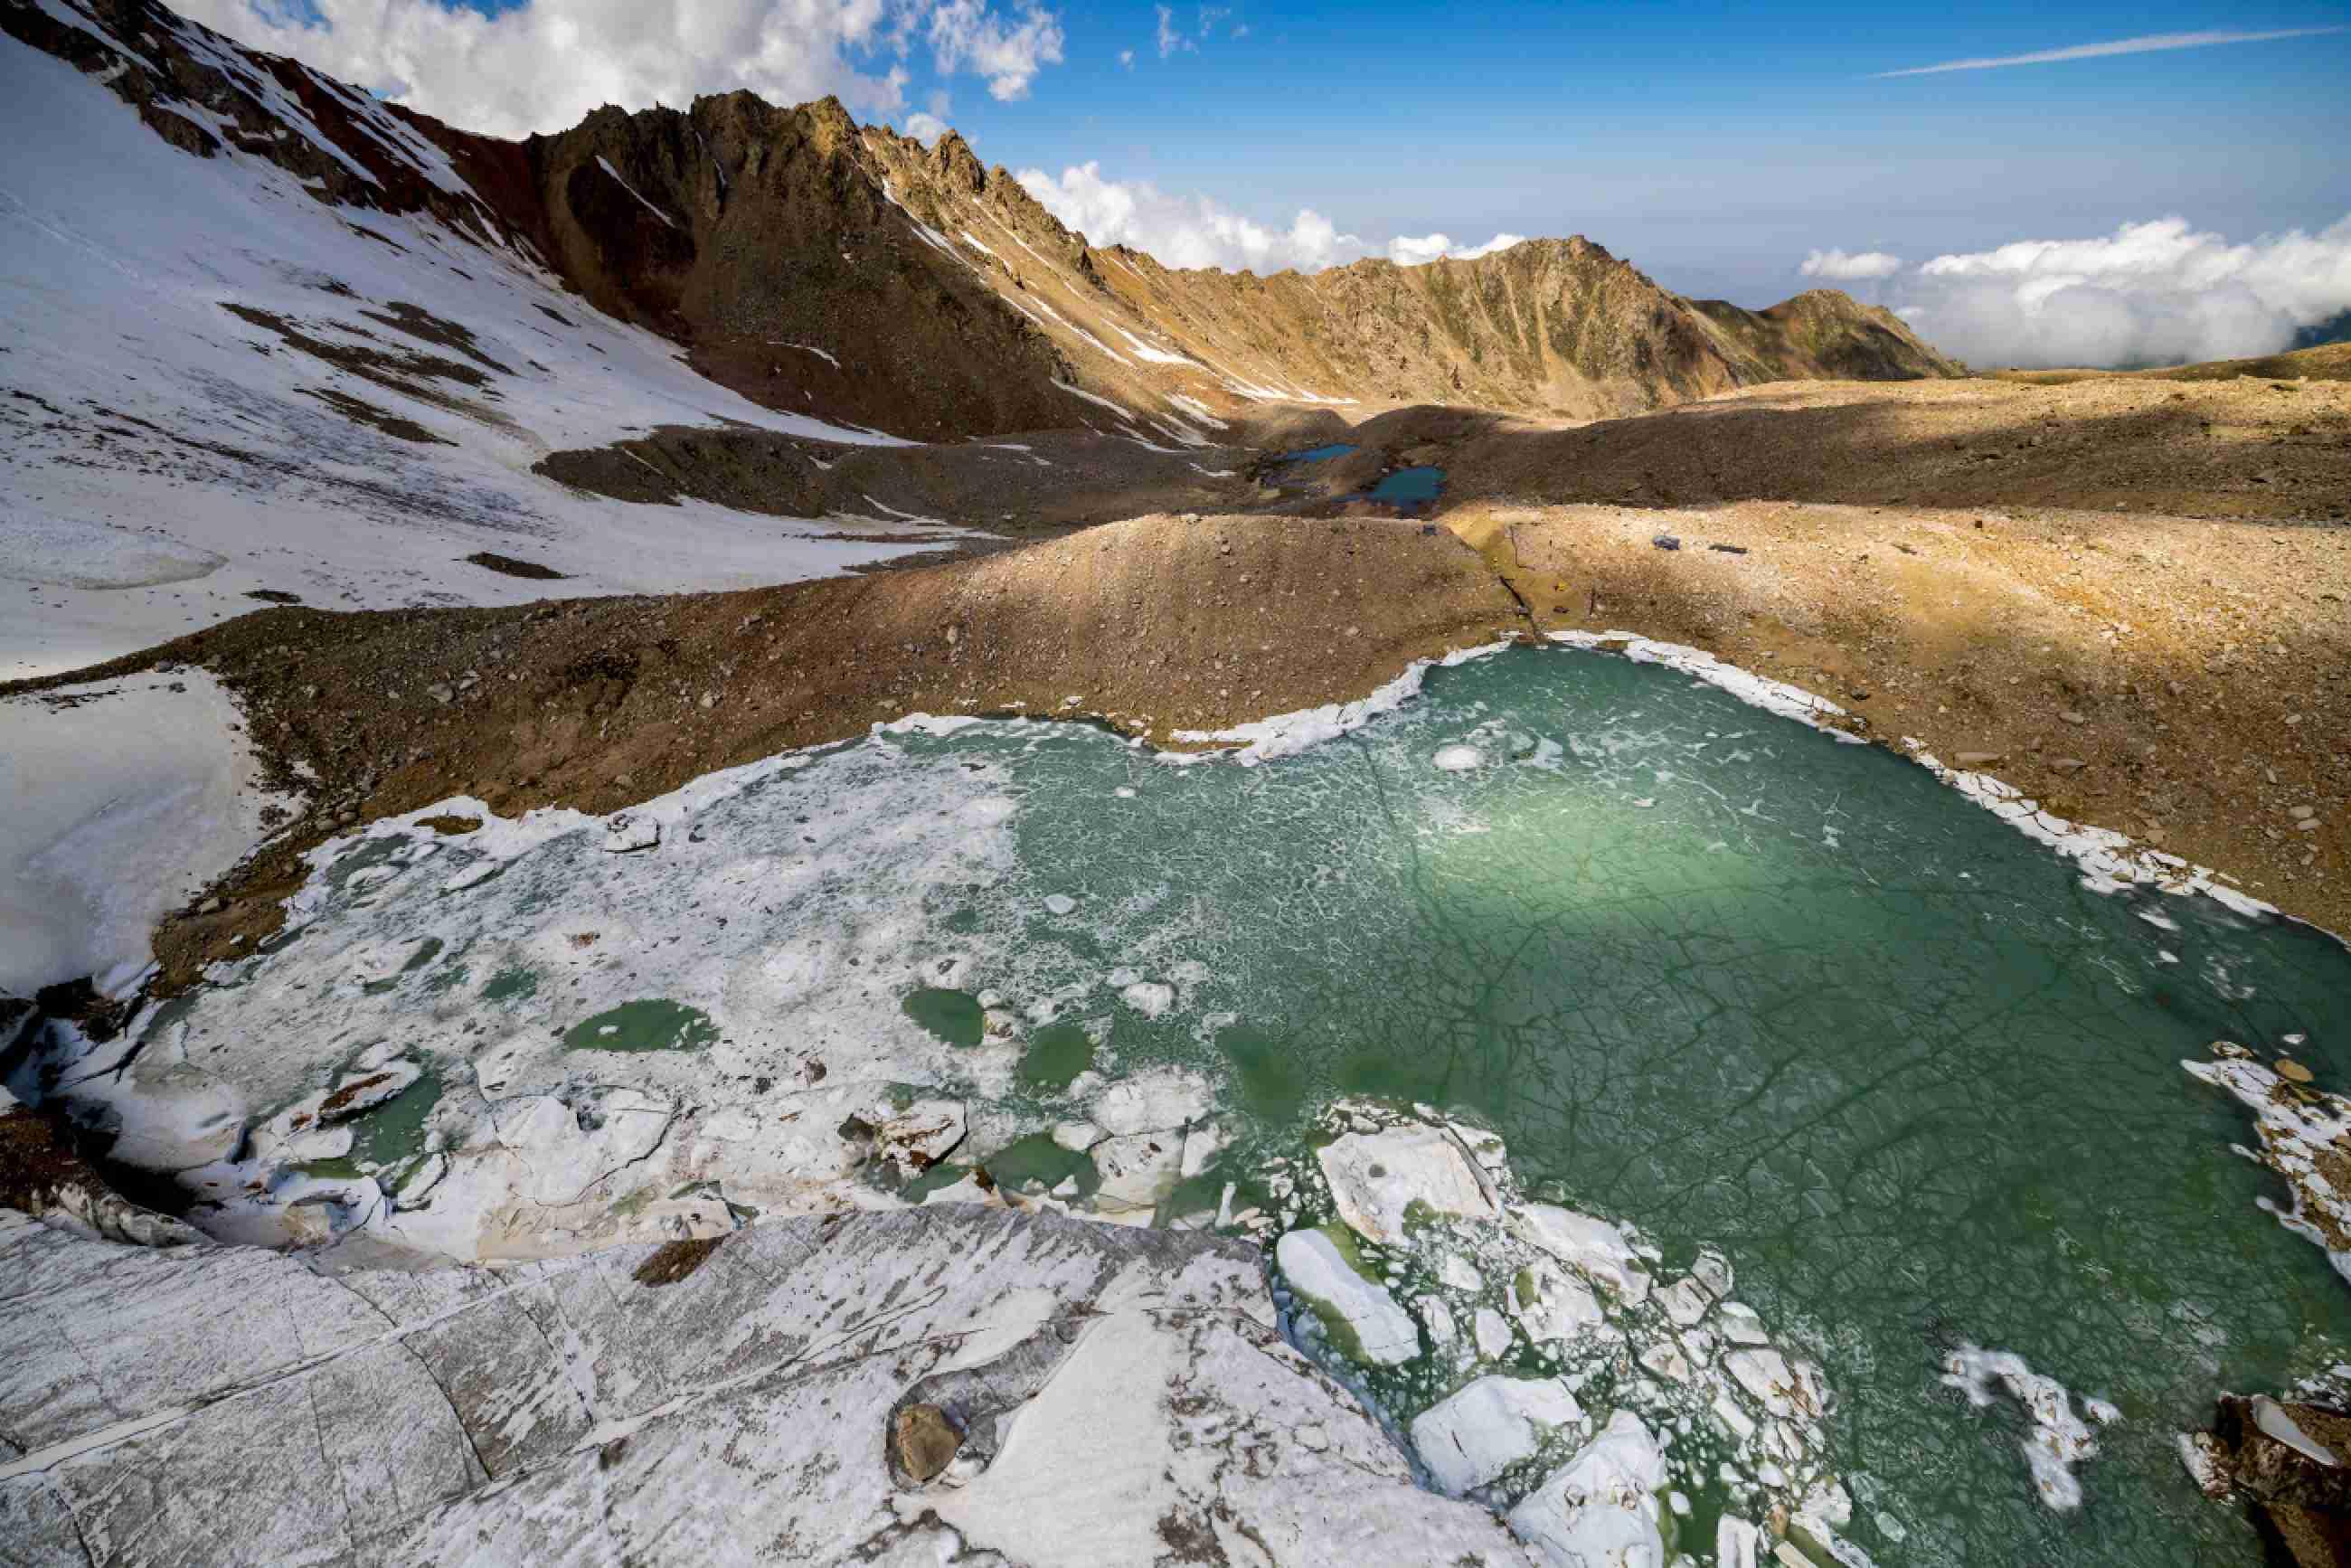 Ледники северного Тянь-Шаня могут исчезнуть через 50 лет